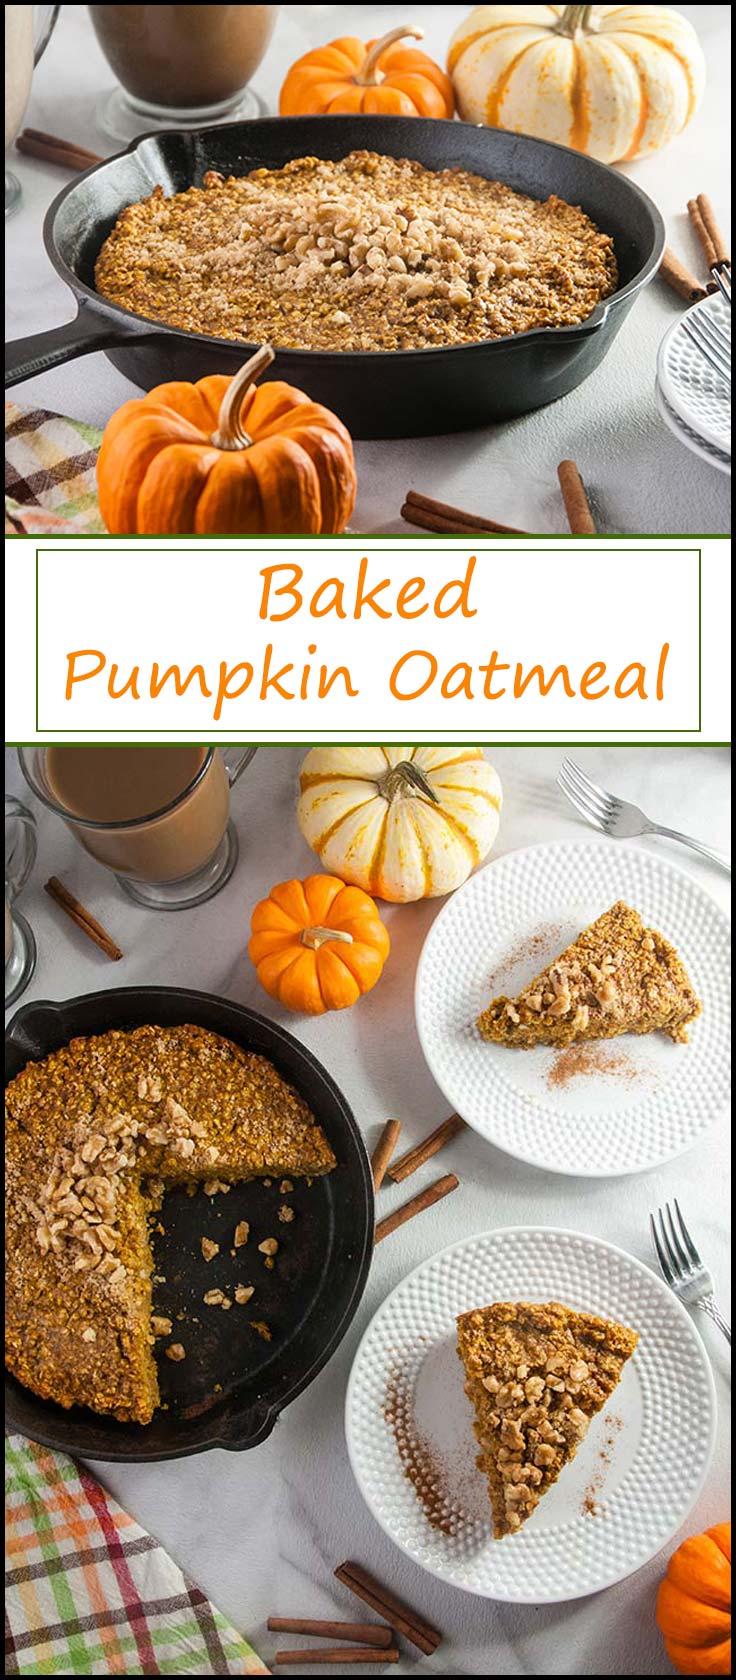 Easy Baked Pumpkin Oatmeal from www.seasonedsprinkles.com